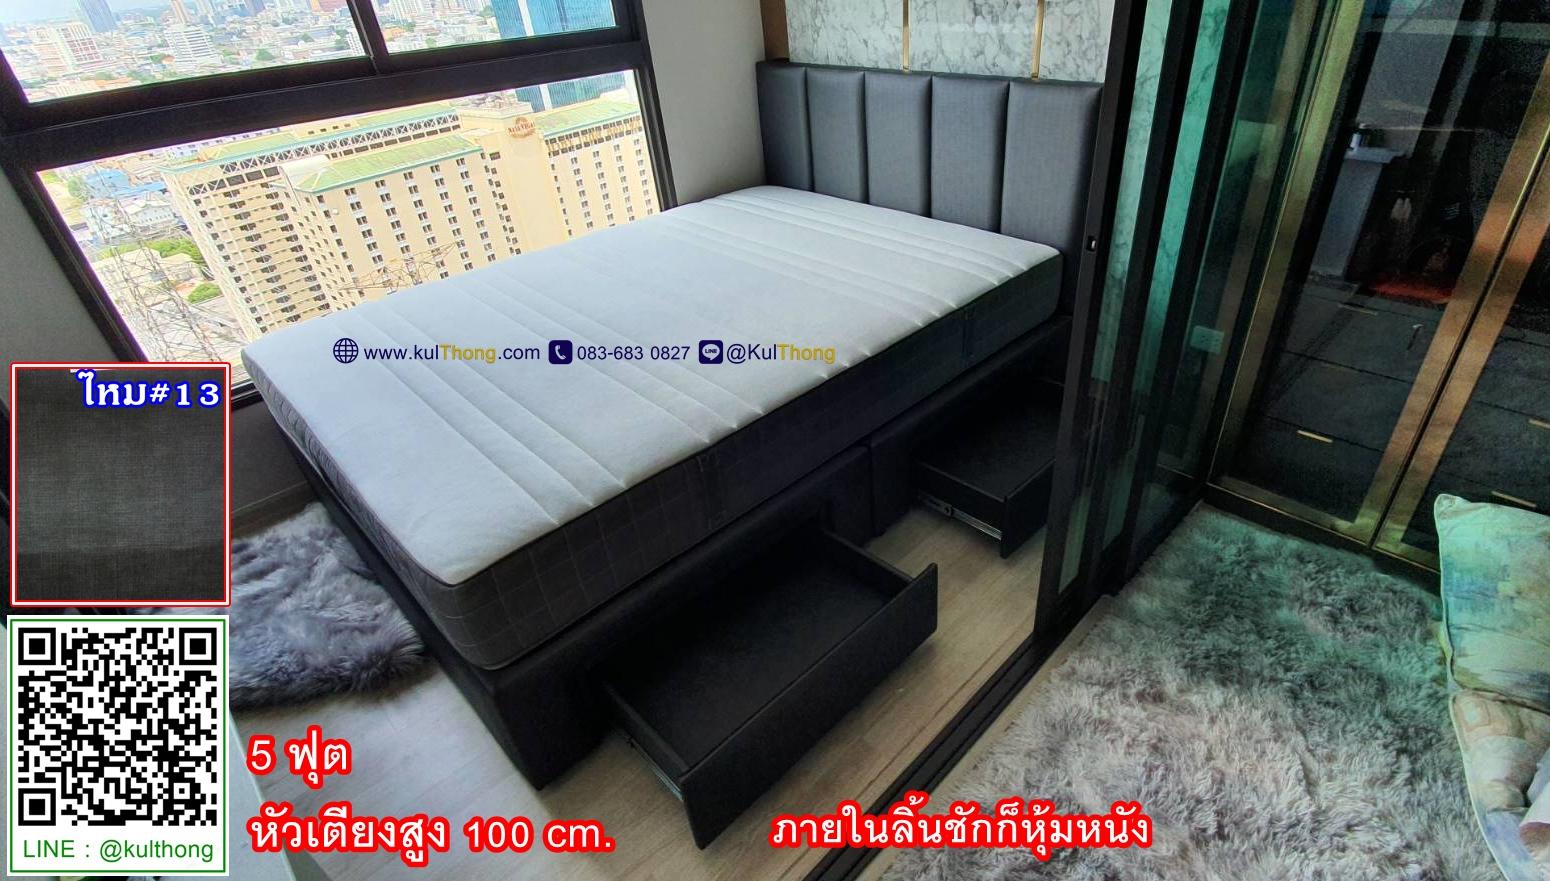 ฐานรองที่นอน เตียงลิ้นชัก เตียงหุ้มหนัง เตียงเก็บของ